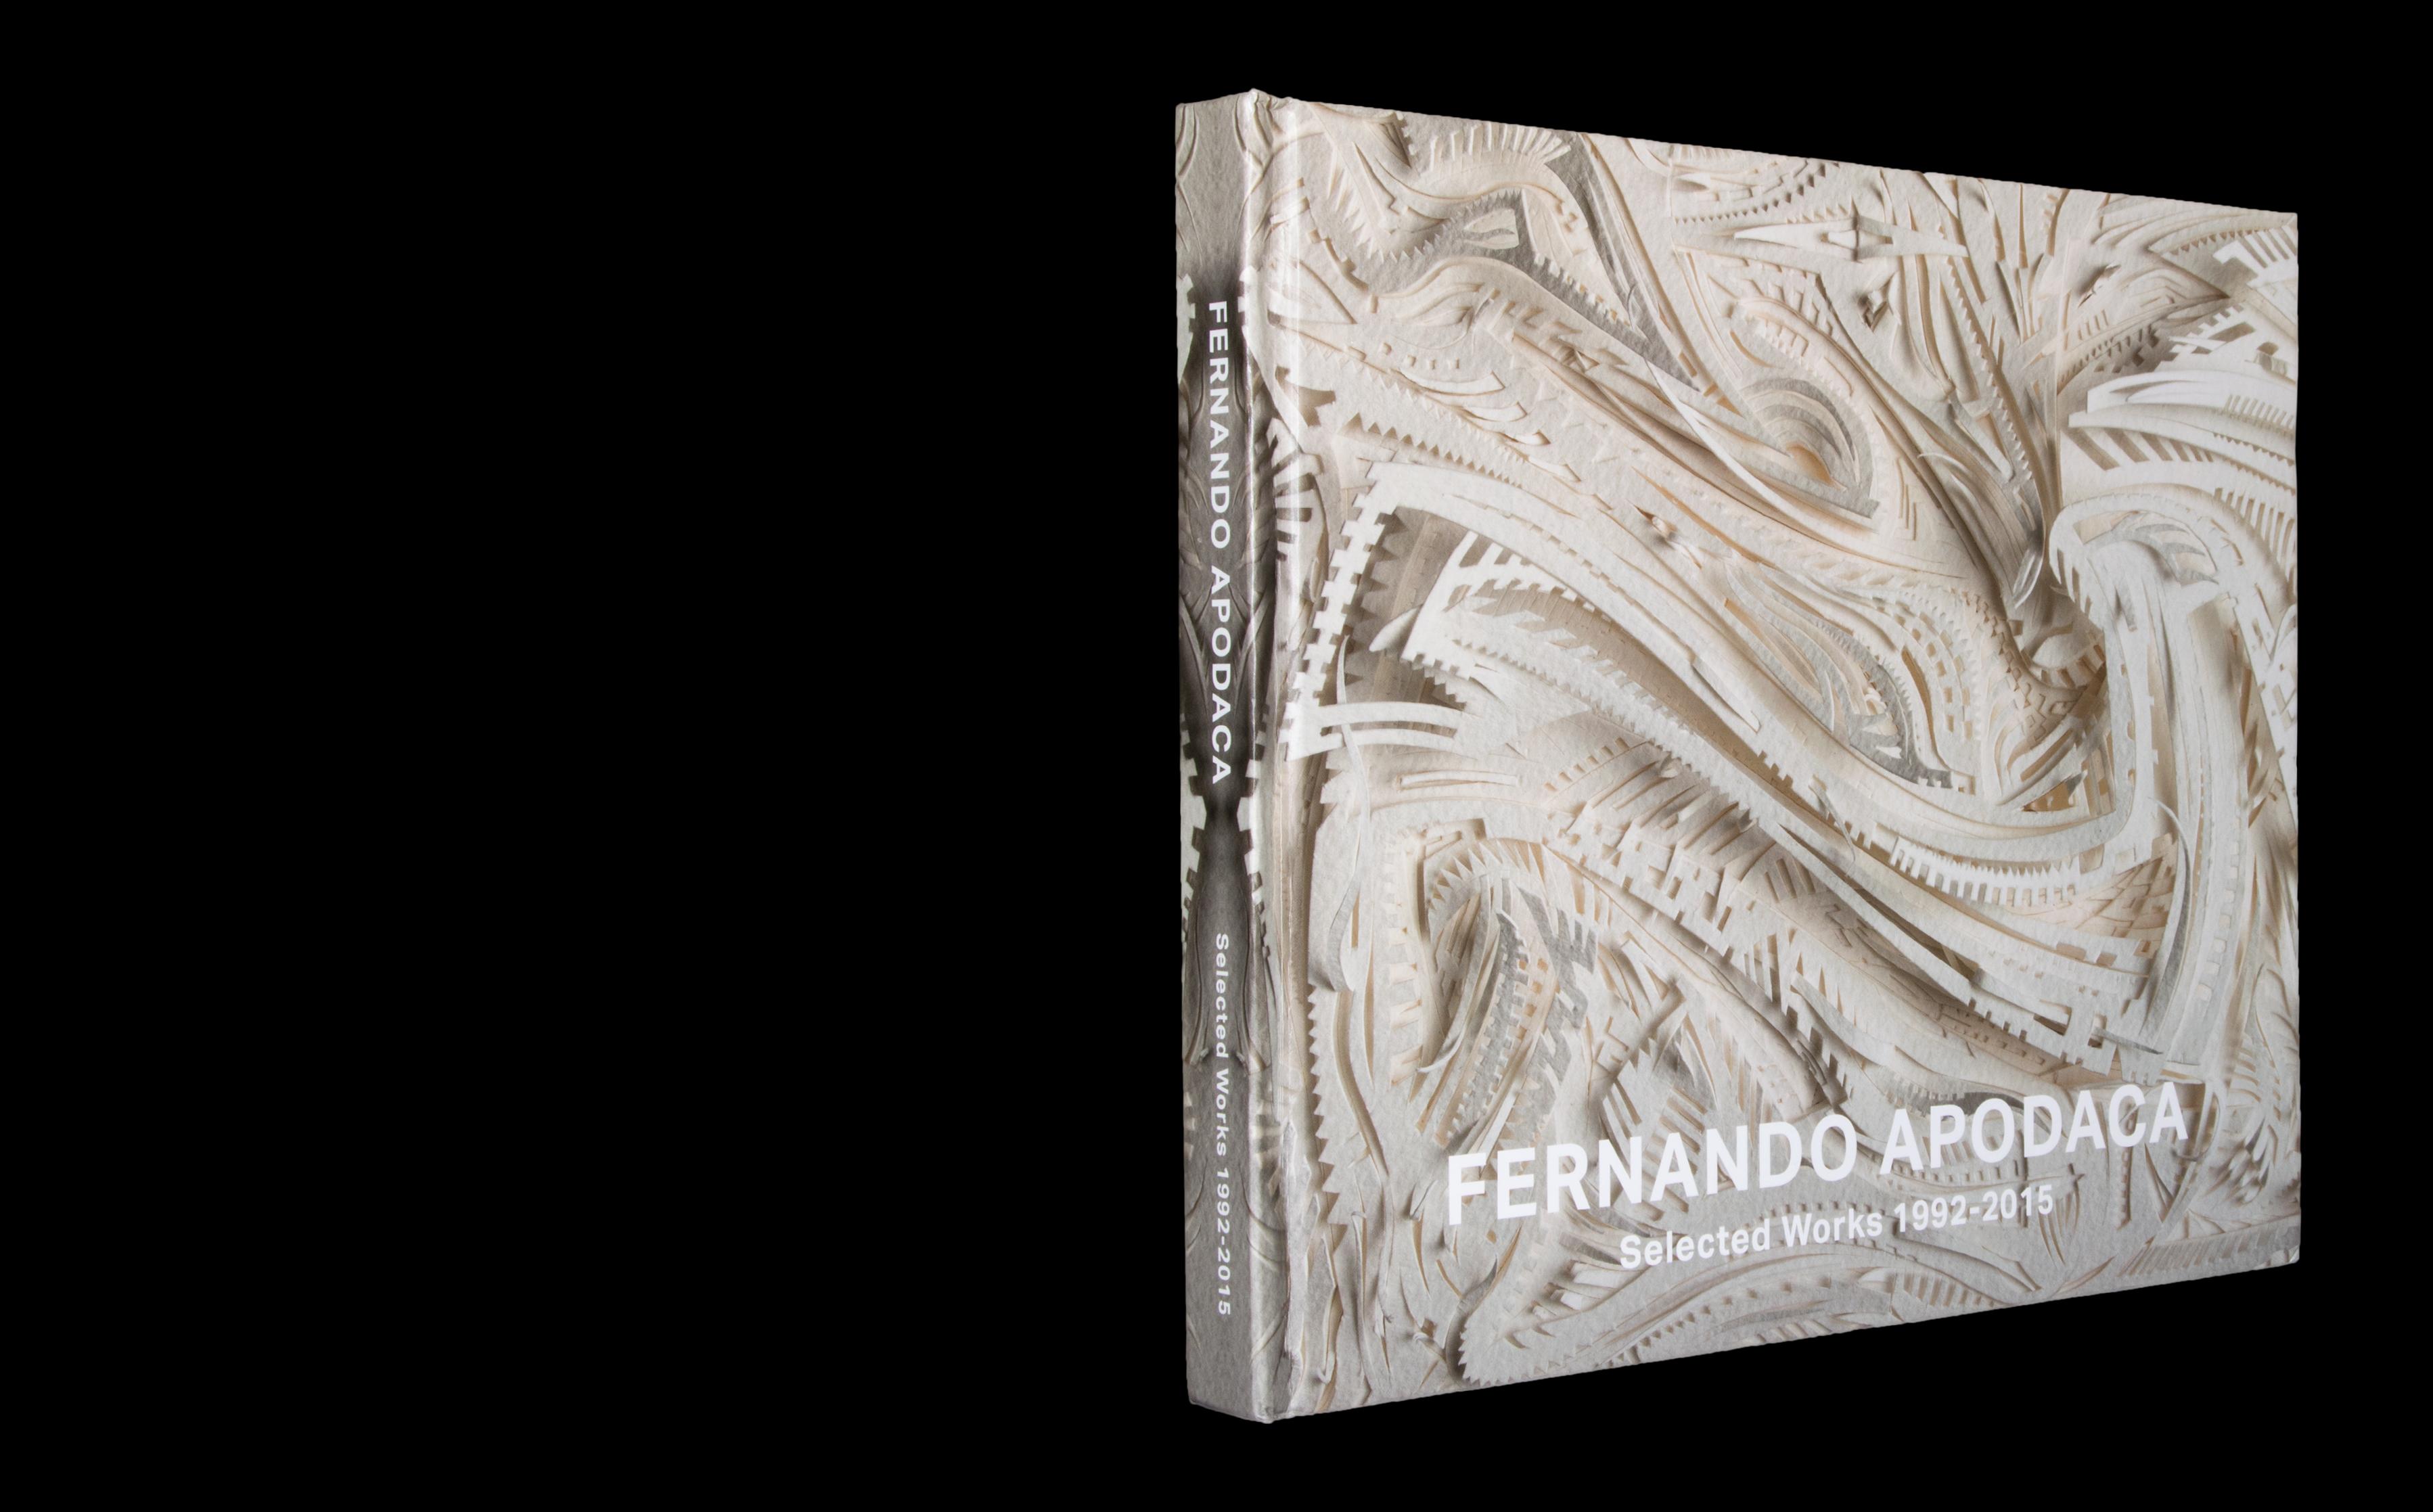 Fernando-Apodaca-Fine-Art-book-Cover-sarah-shea-design11